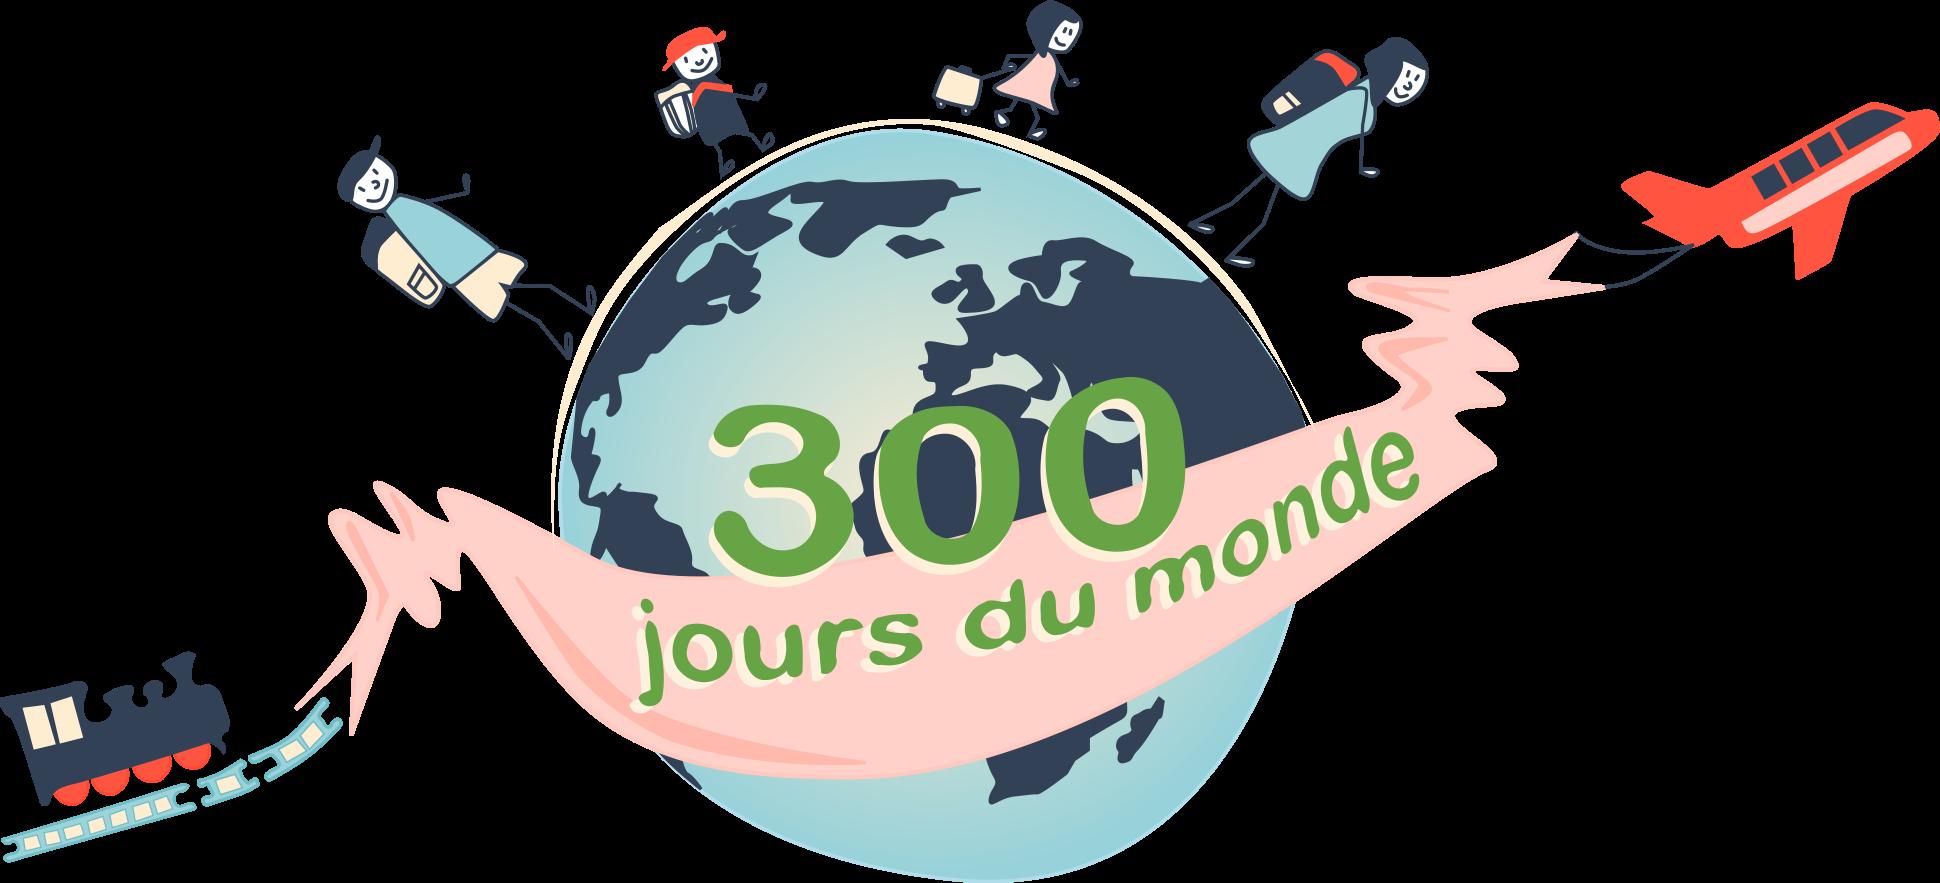 300 jours du monde